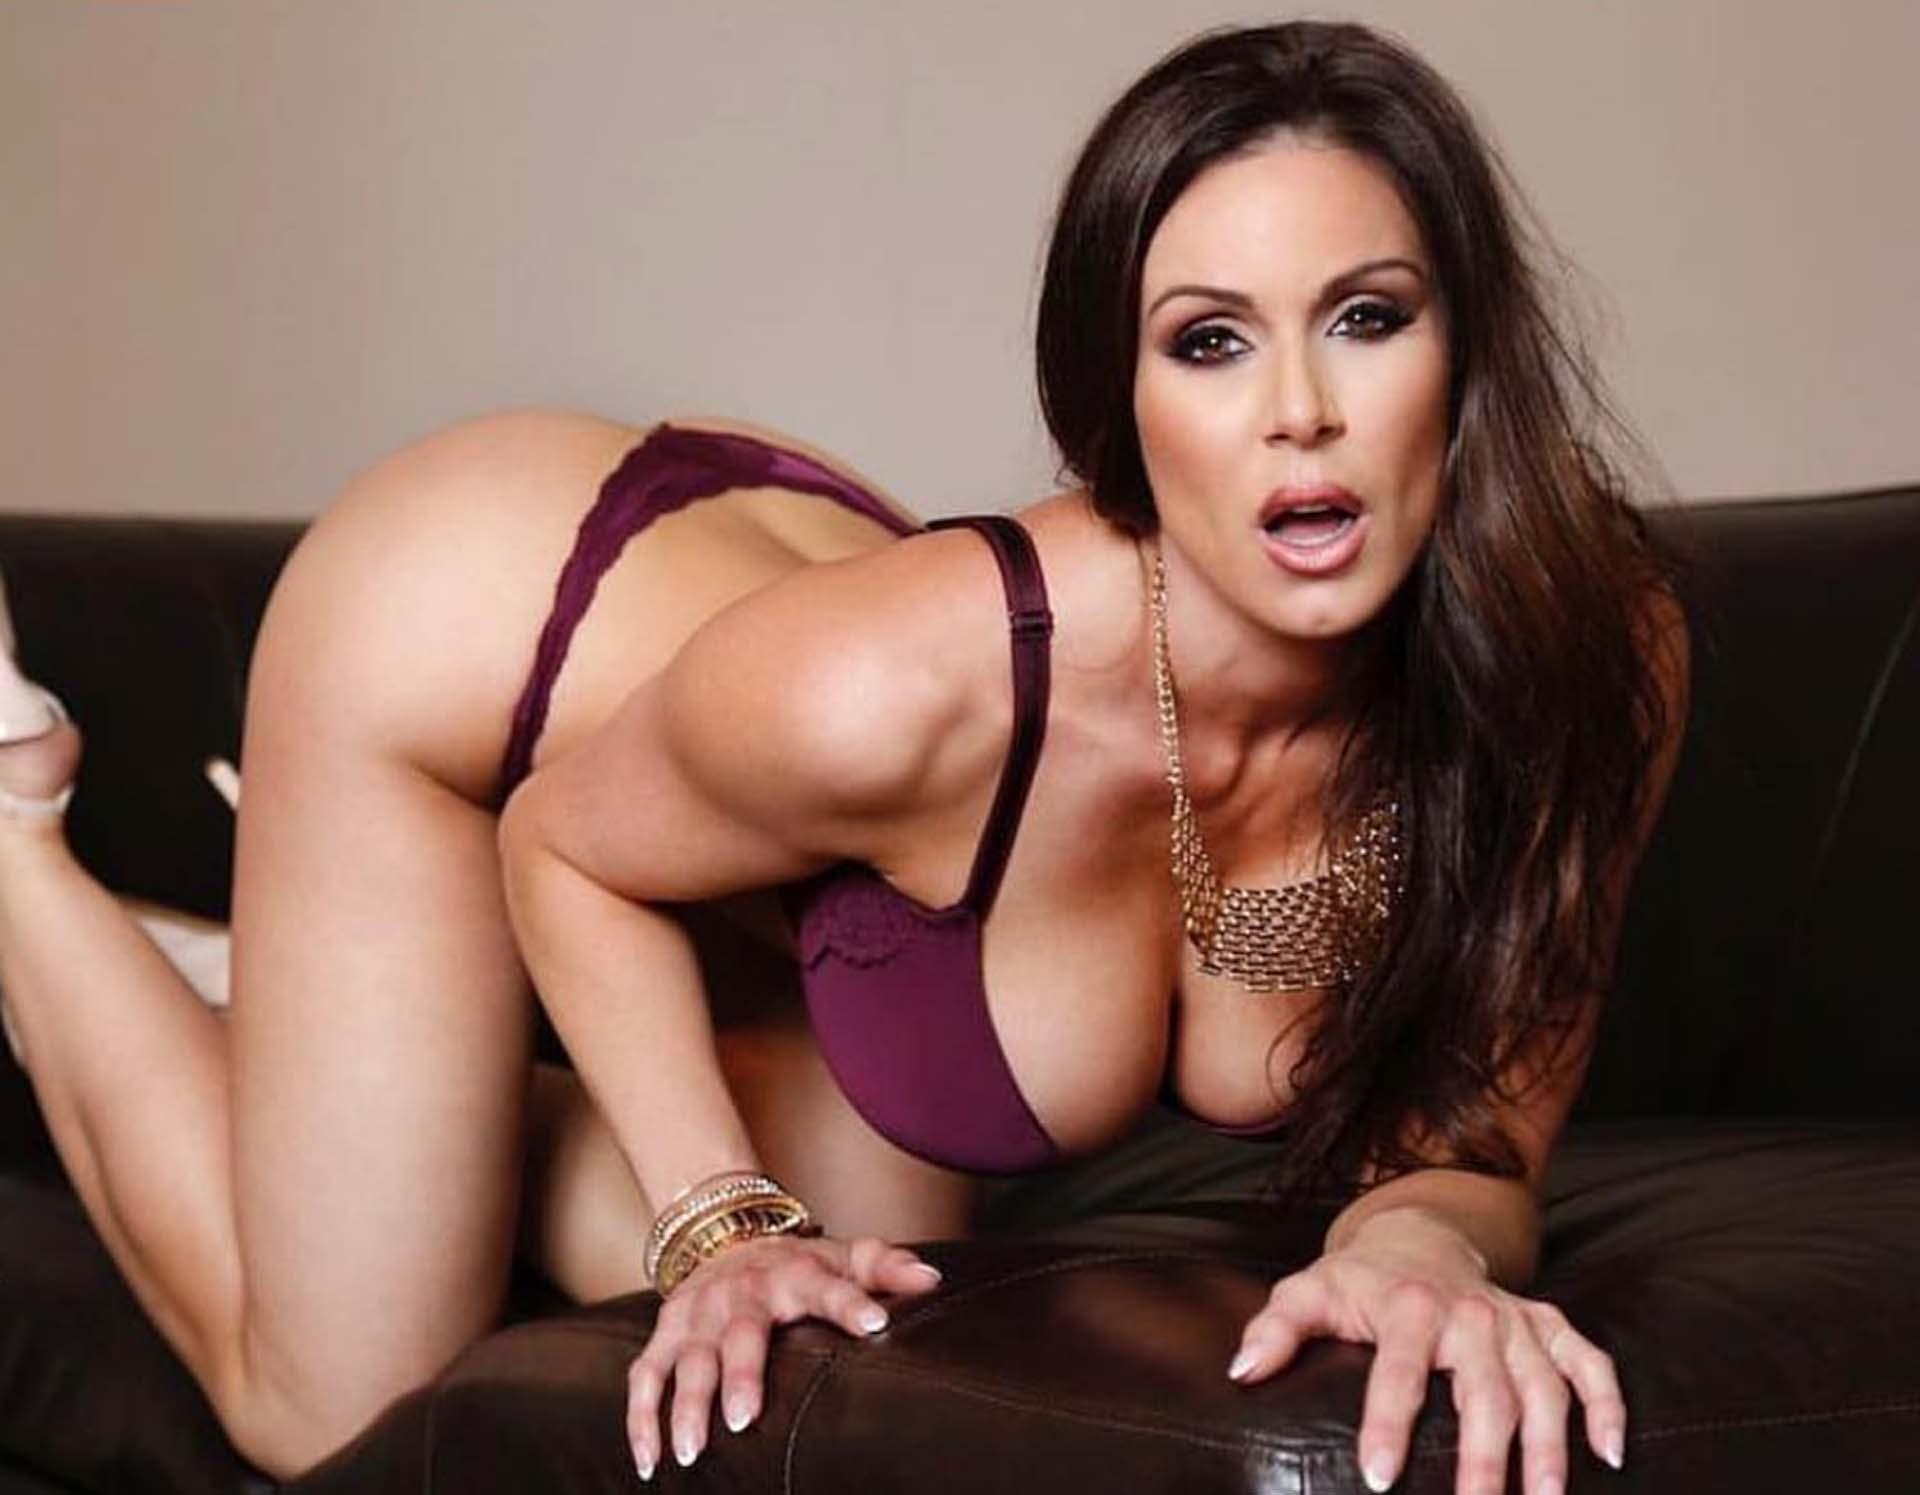 Actriz Porno Francesa Morena quién es kendra lust, la actriz porno que tiene a james